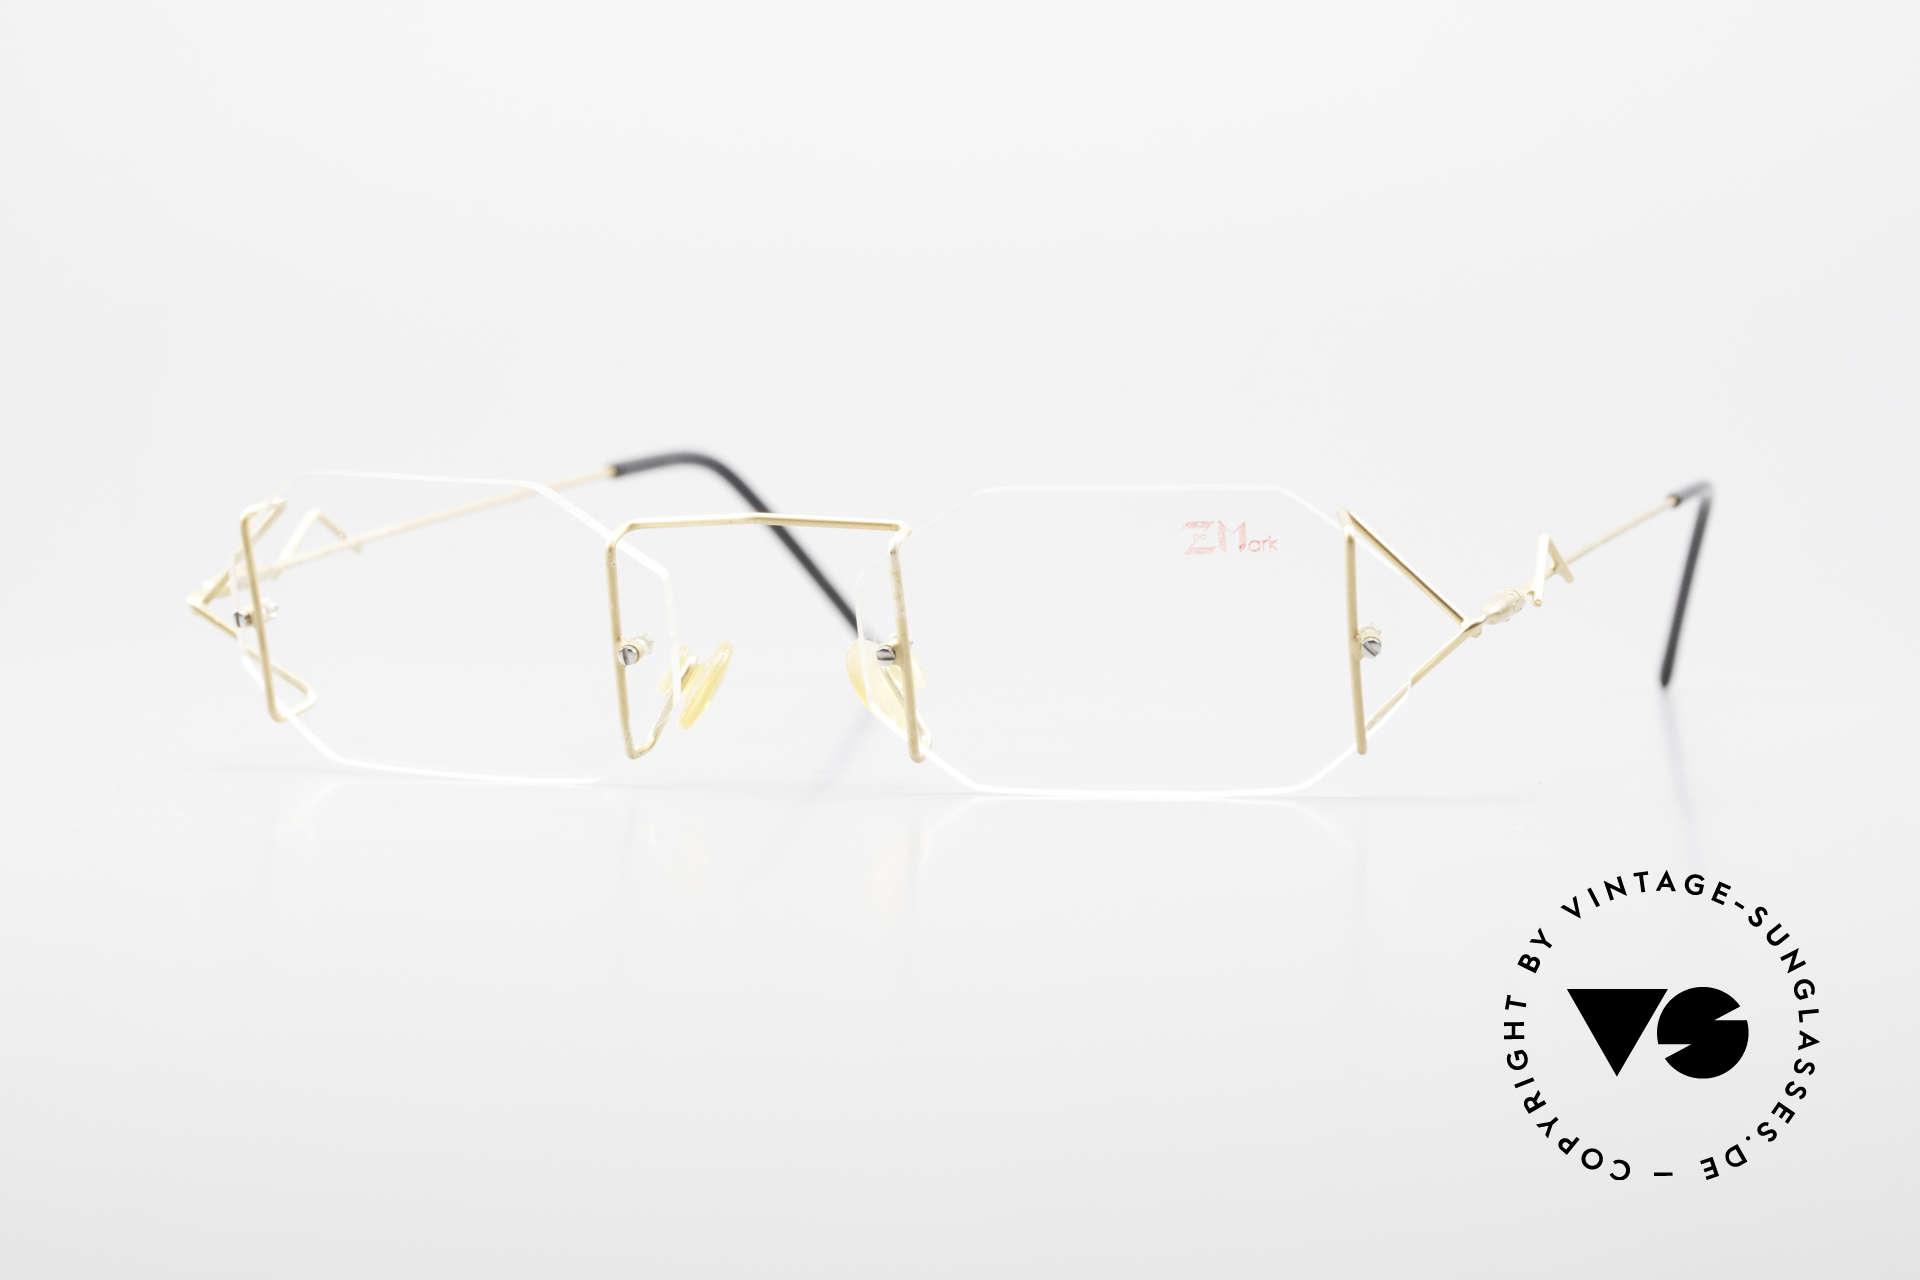 Z Mark 9 Artful 90's Rimless Eyeglasses, vintage 1990's Z-Mark designer eyeglass-frame, Made for Men and Women